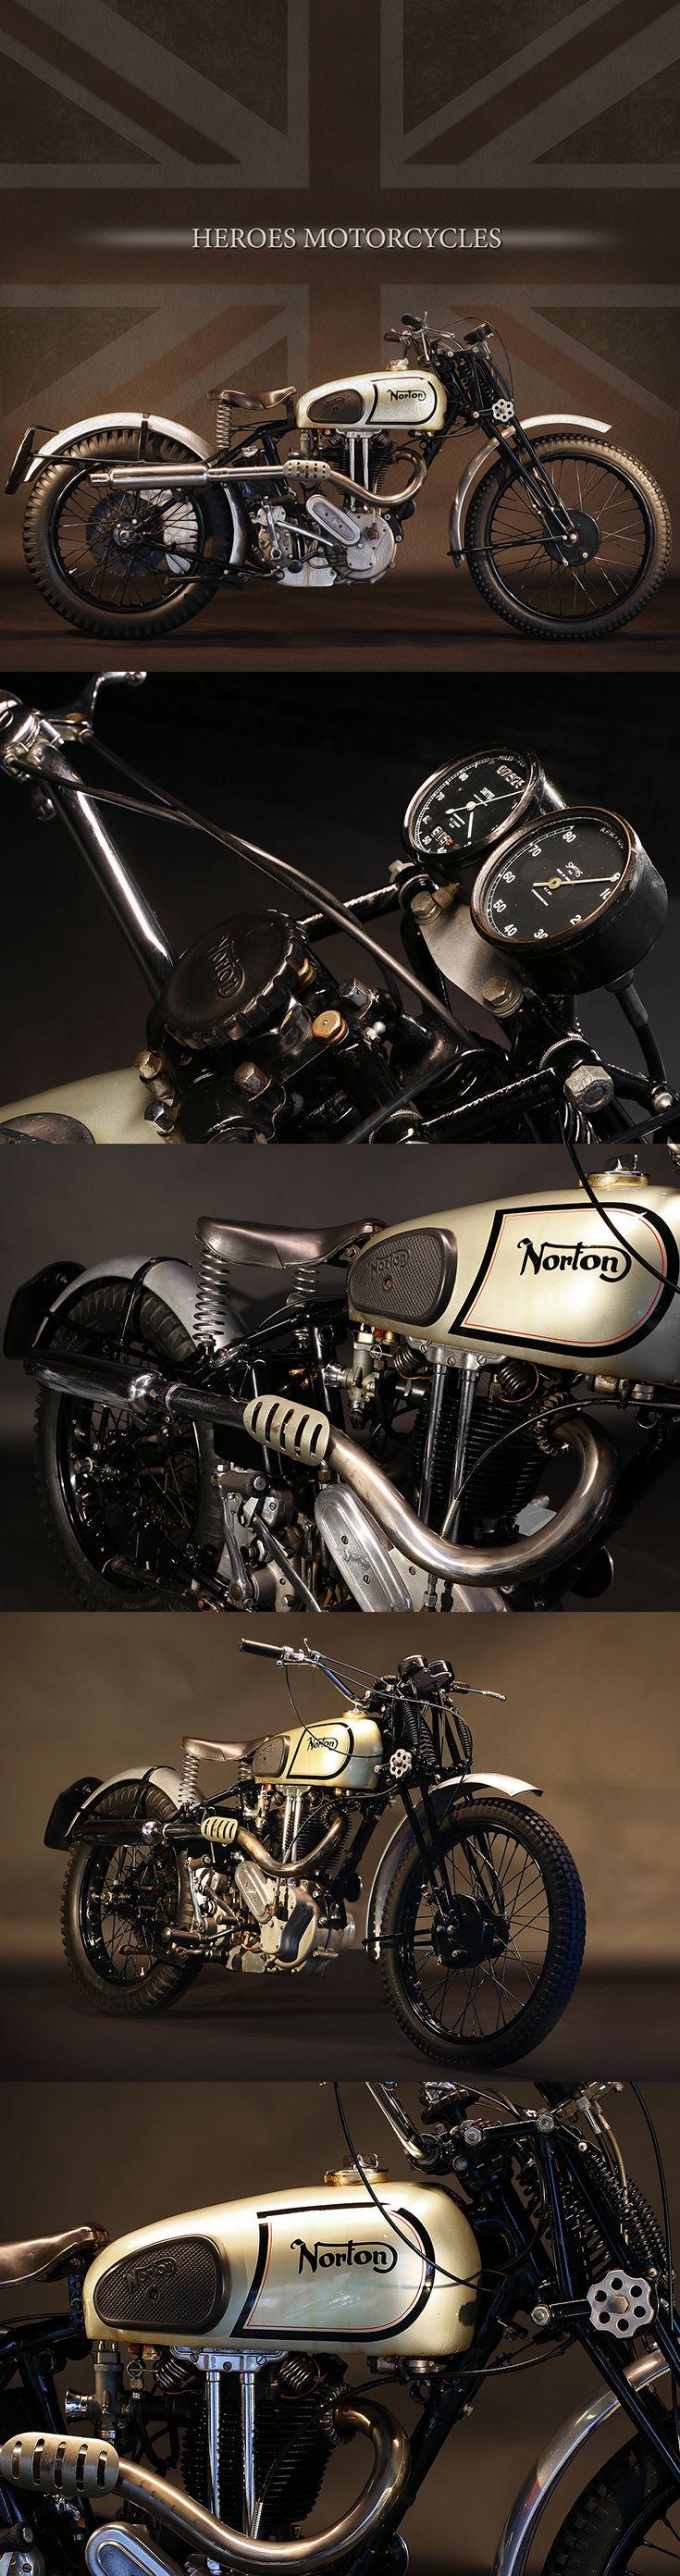 1938 Norton 490cc M18 | UK